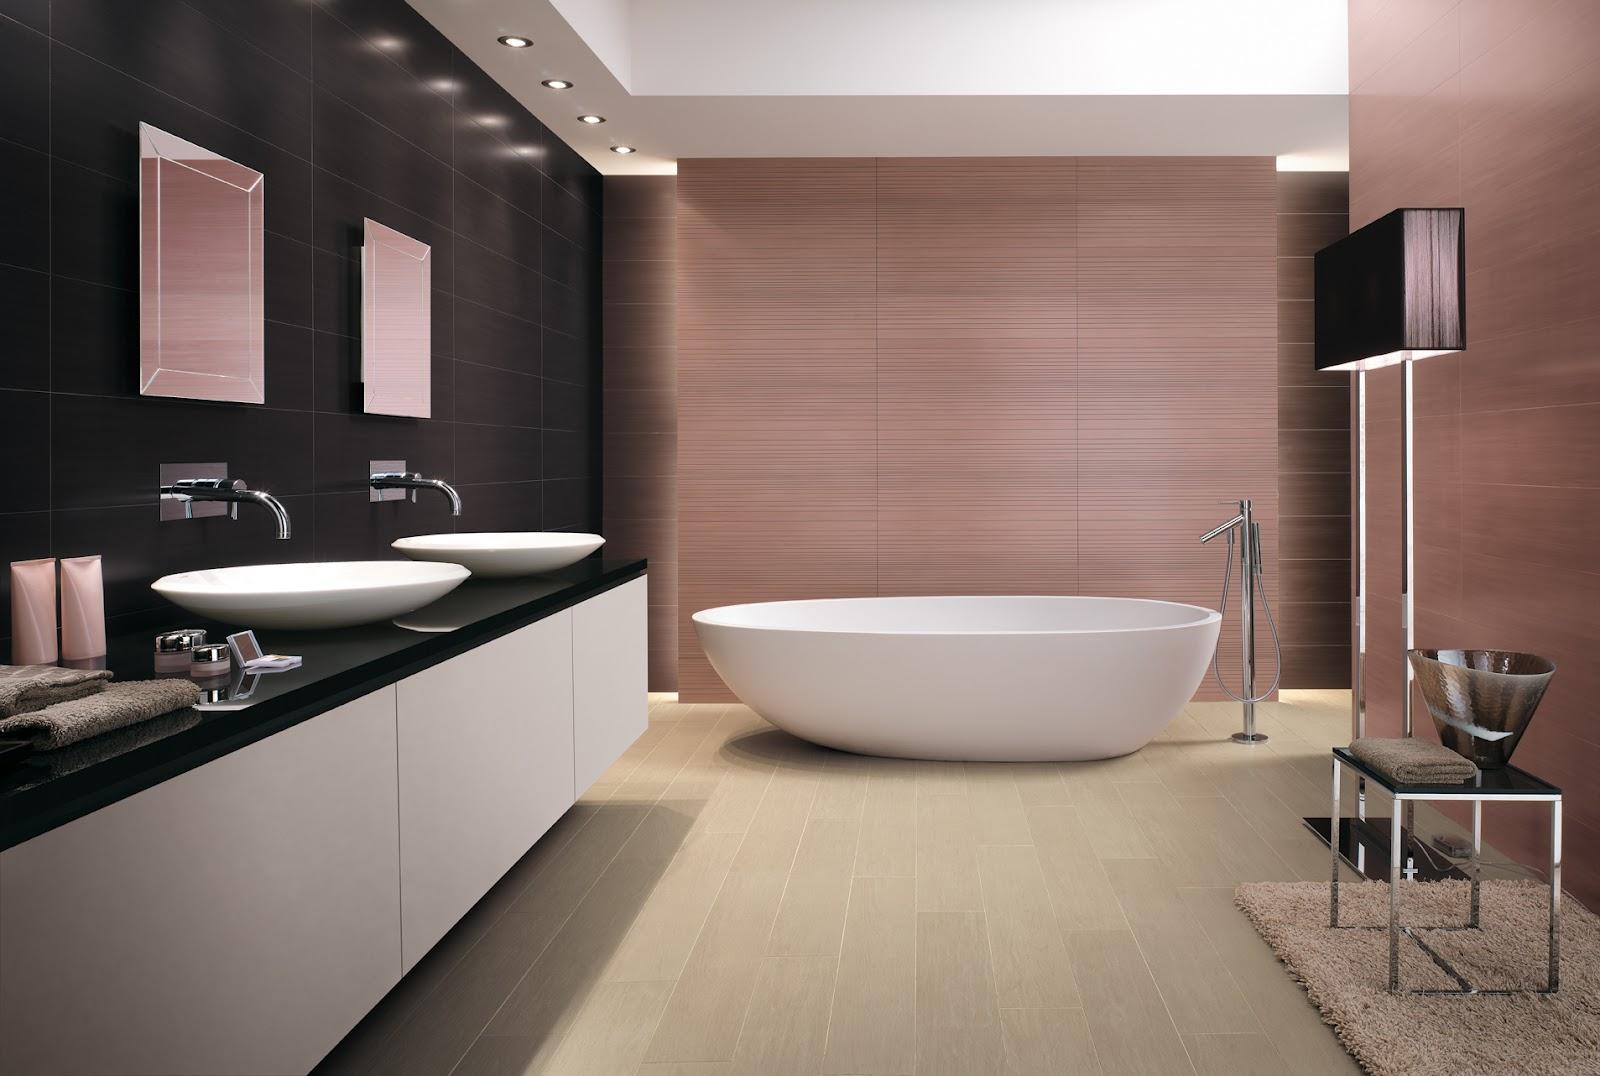 Baño En Ducha Asistido:Pero ¿Qué ha pasado con las bañeras?, ¿Por qué han cedido ese